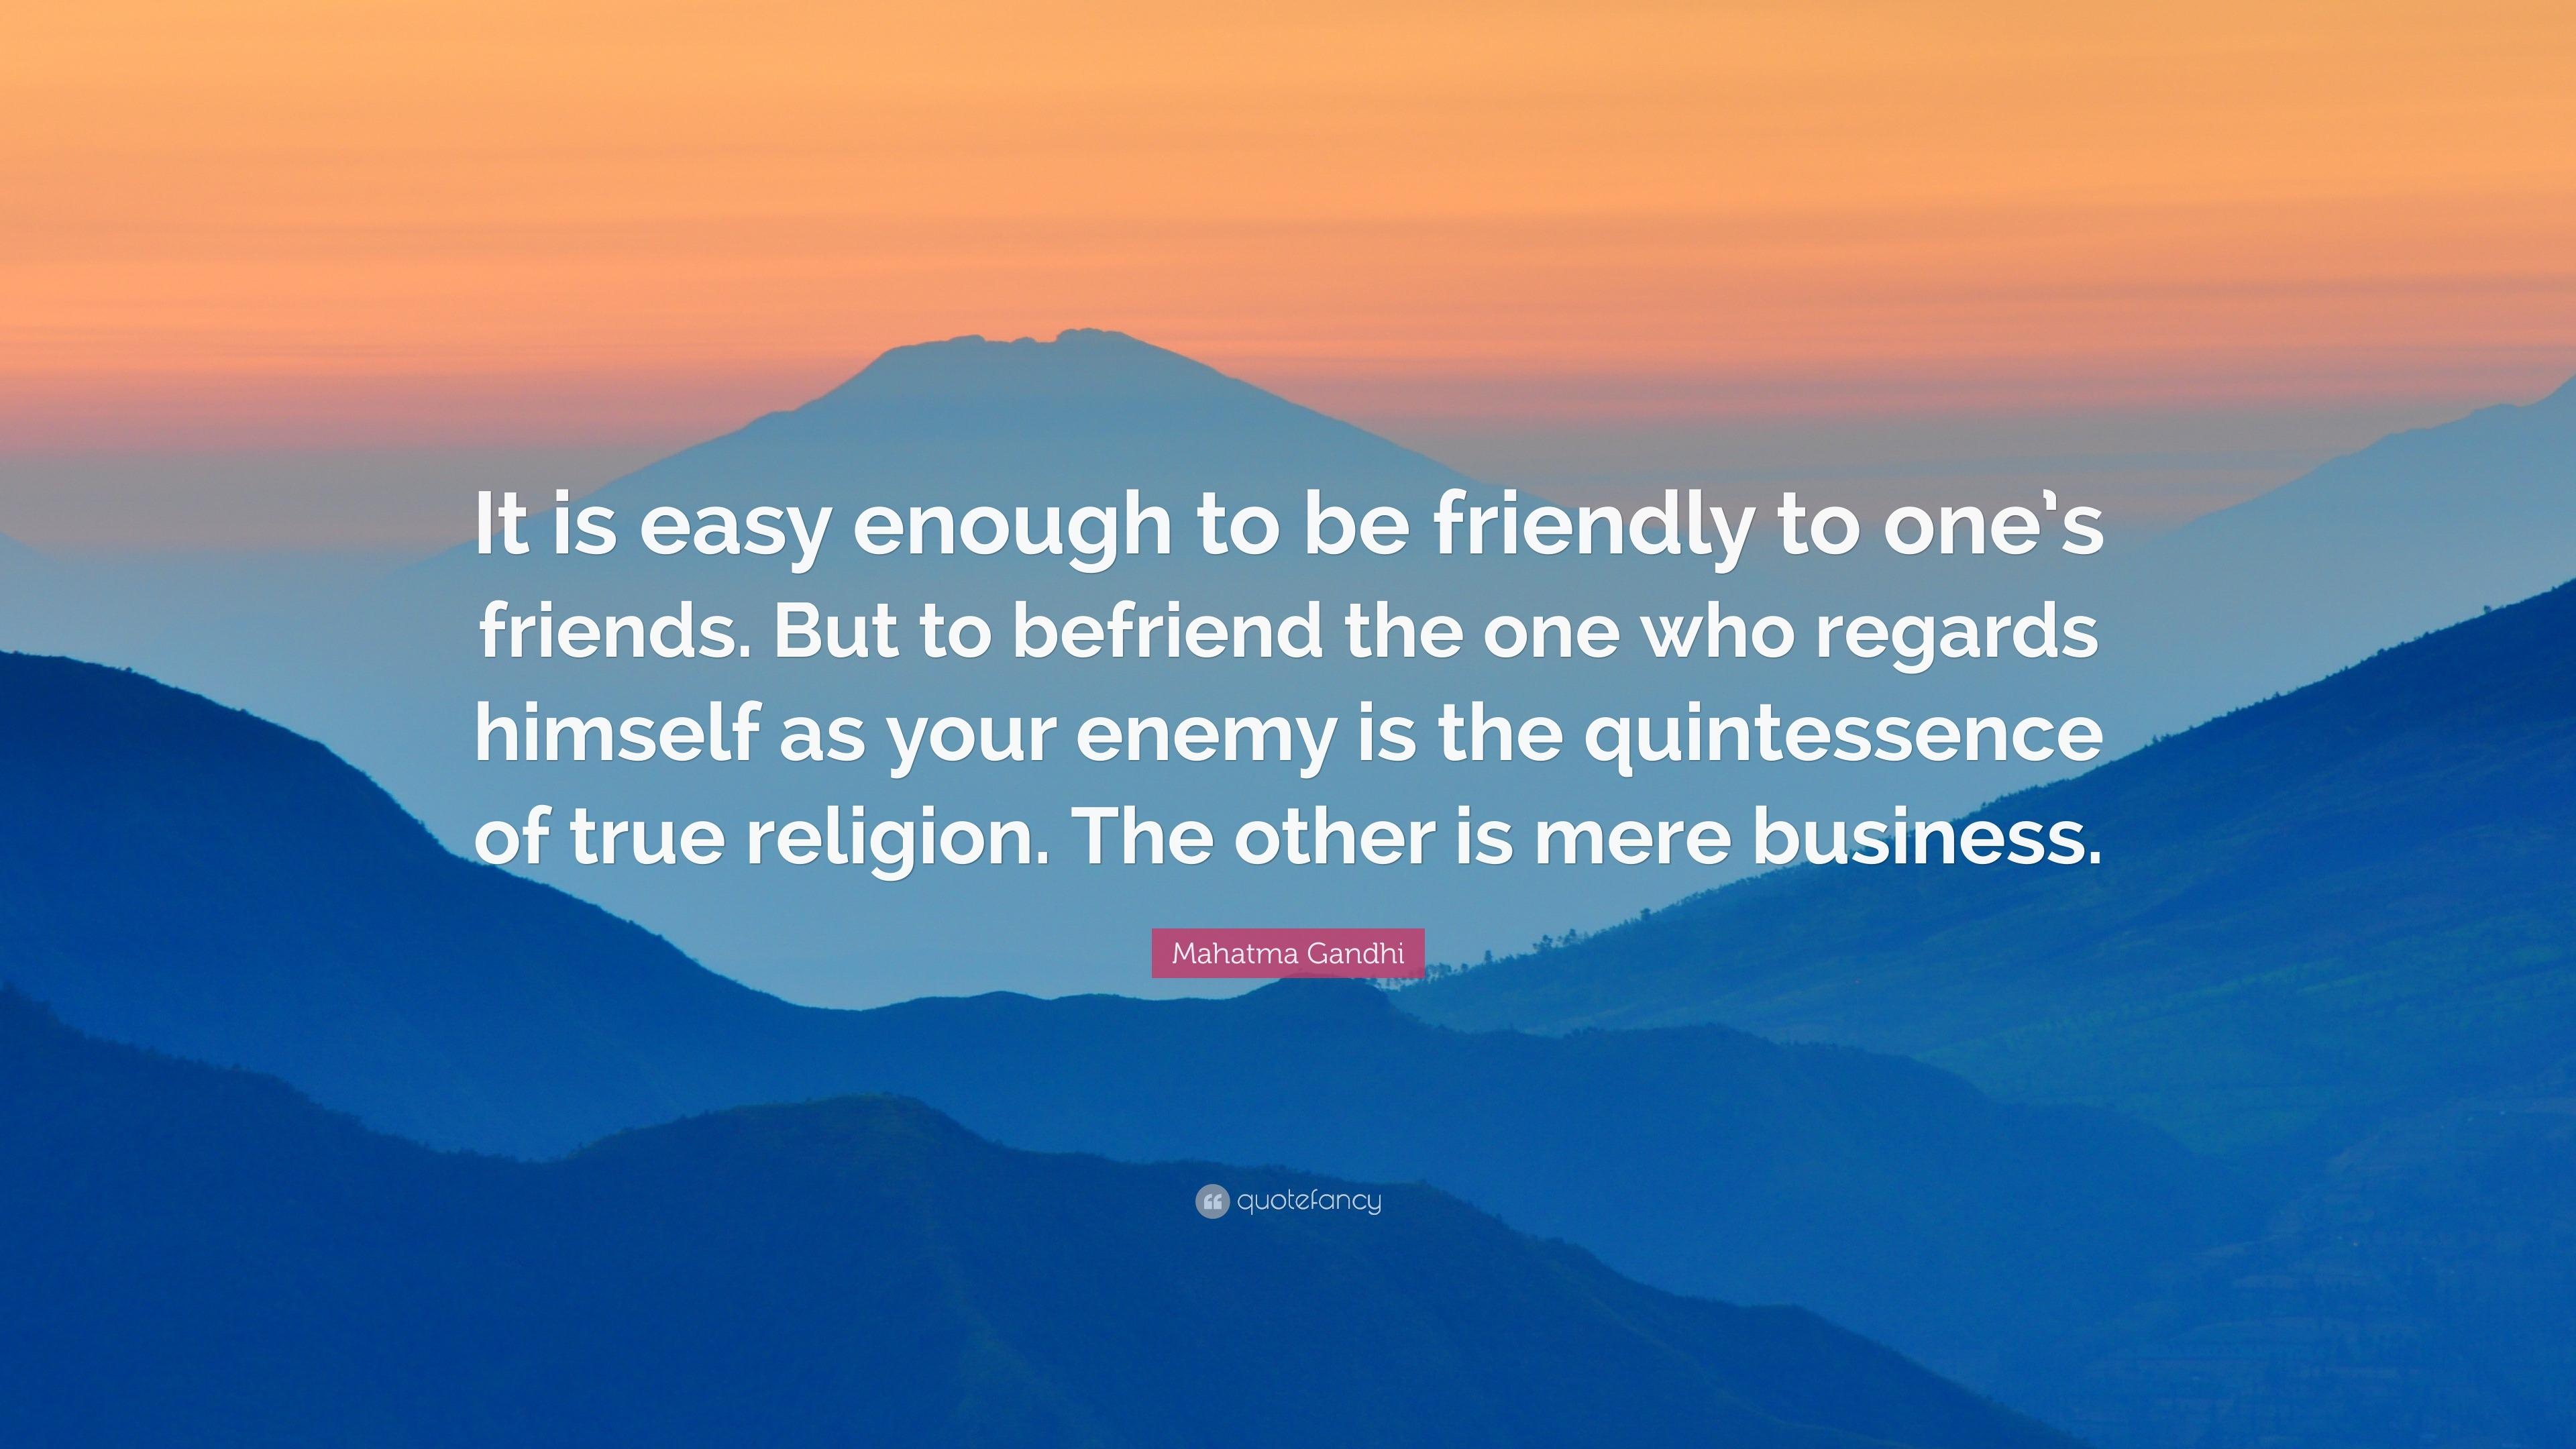 Mahatma Gandhi Quotes (100 wallpapers) - Quotefancy